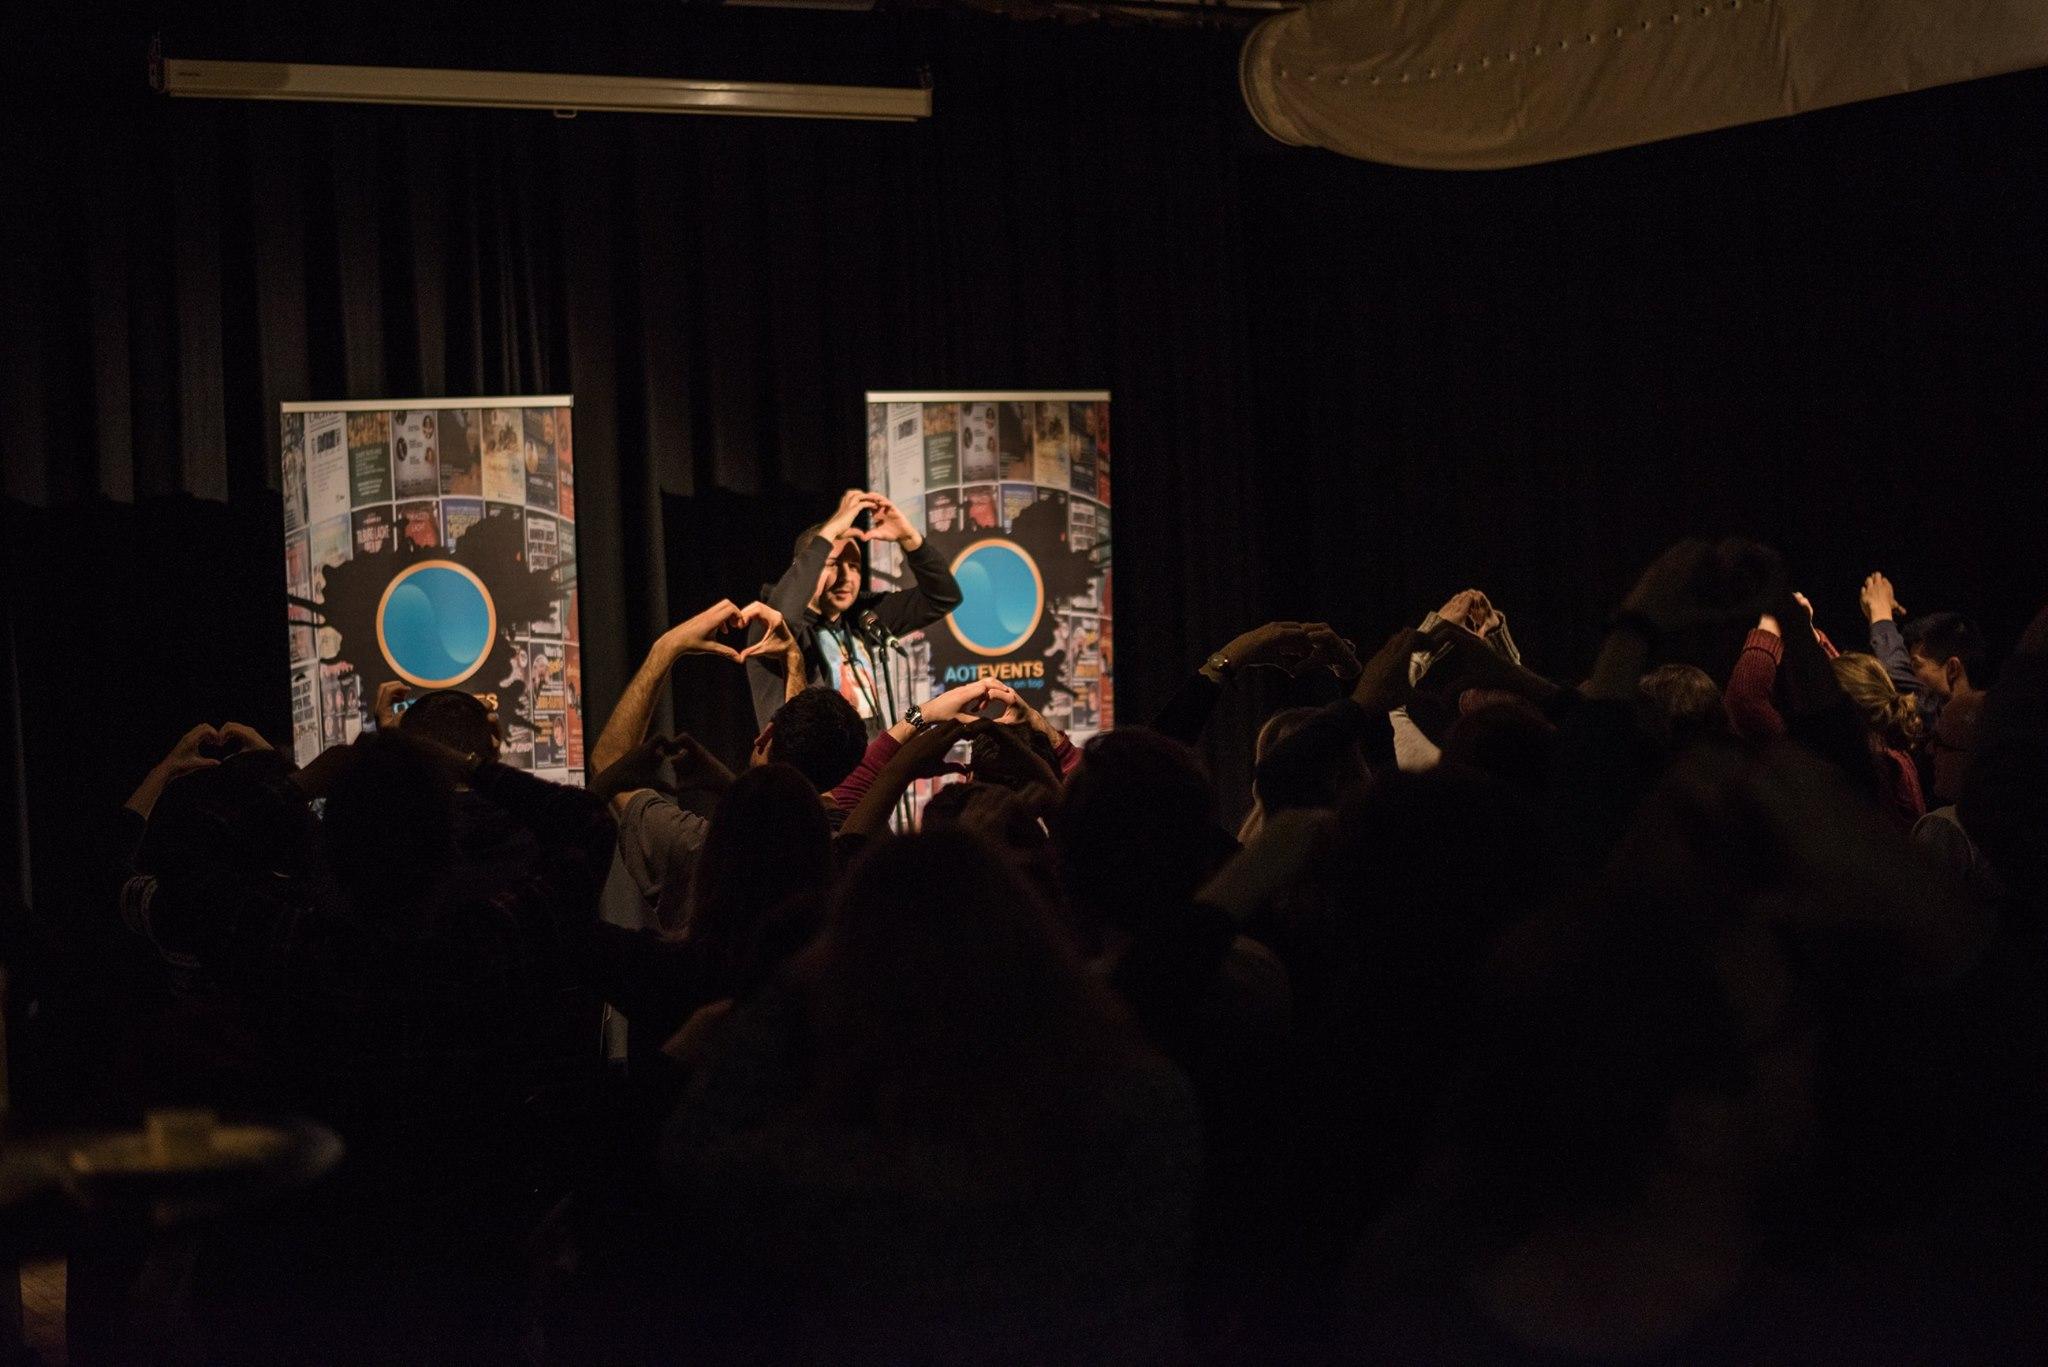 Ticket kopen voor evenement The Hague Laughs: Open Mic, Comedy Ladies Night